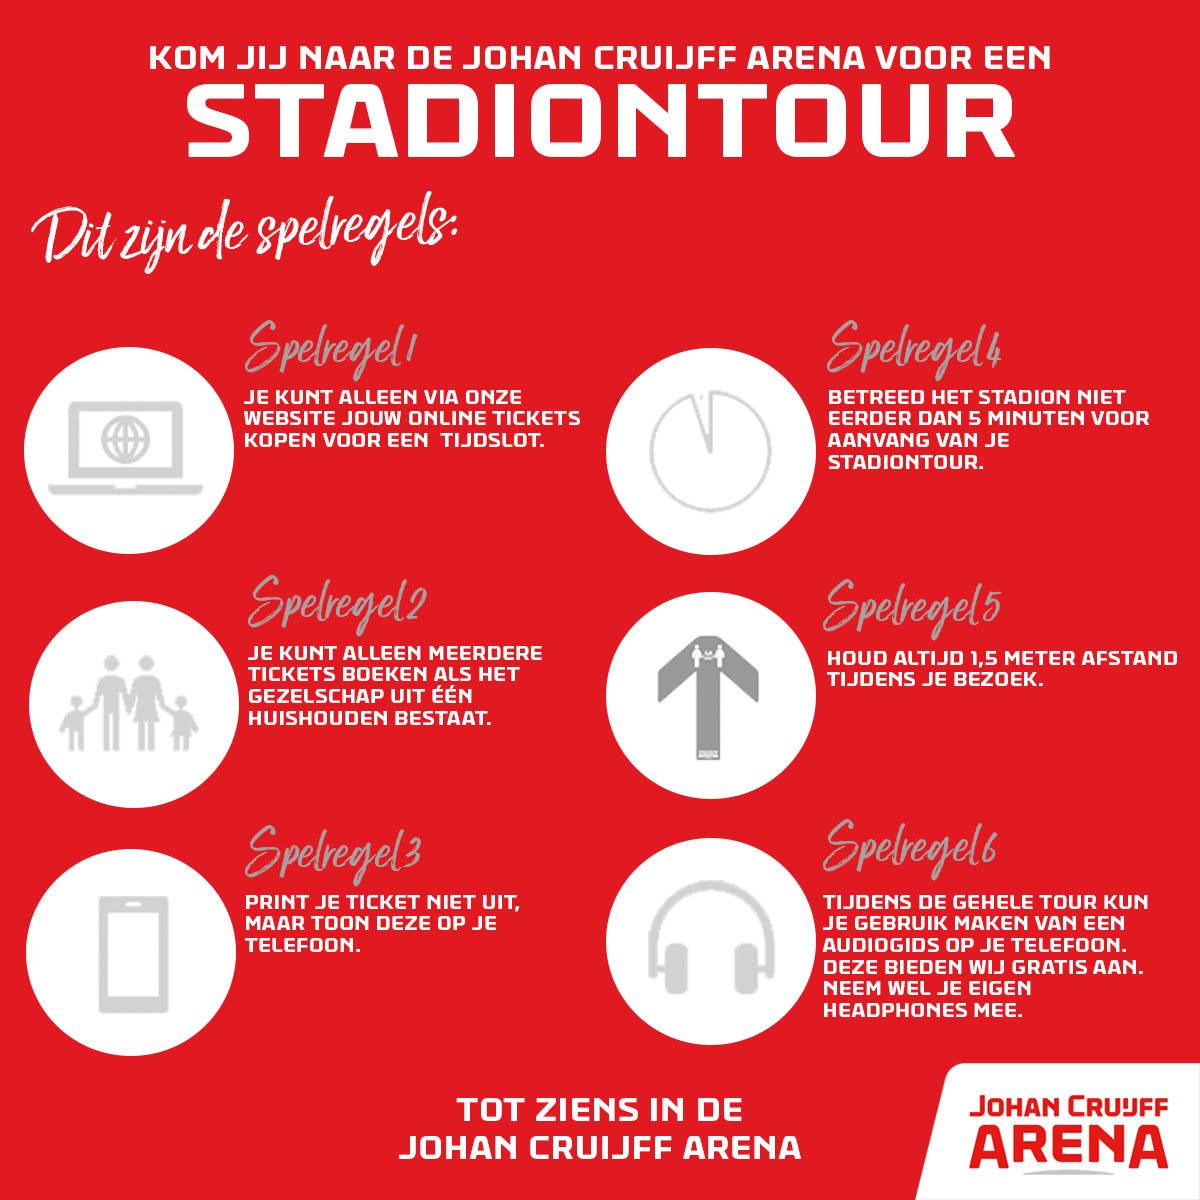 🔜🏟 De Stadiontour gaat maandag van start! Nog héél even geduld en dan mogen we de ArenA lijnen betreden. Check alvast de nieuwe spelregels. 🤓  Scoor als een van de eerste een tour: https://t.co/wr1rflYwt3 https://t.co/4Zcm8GY5dF